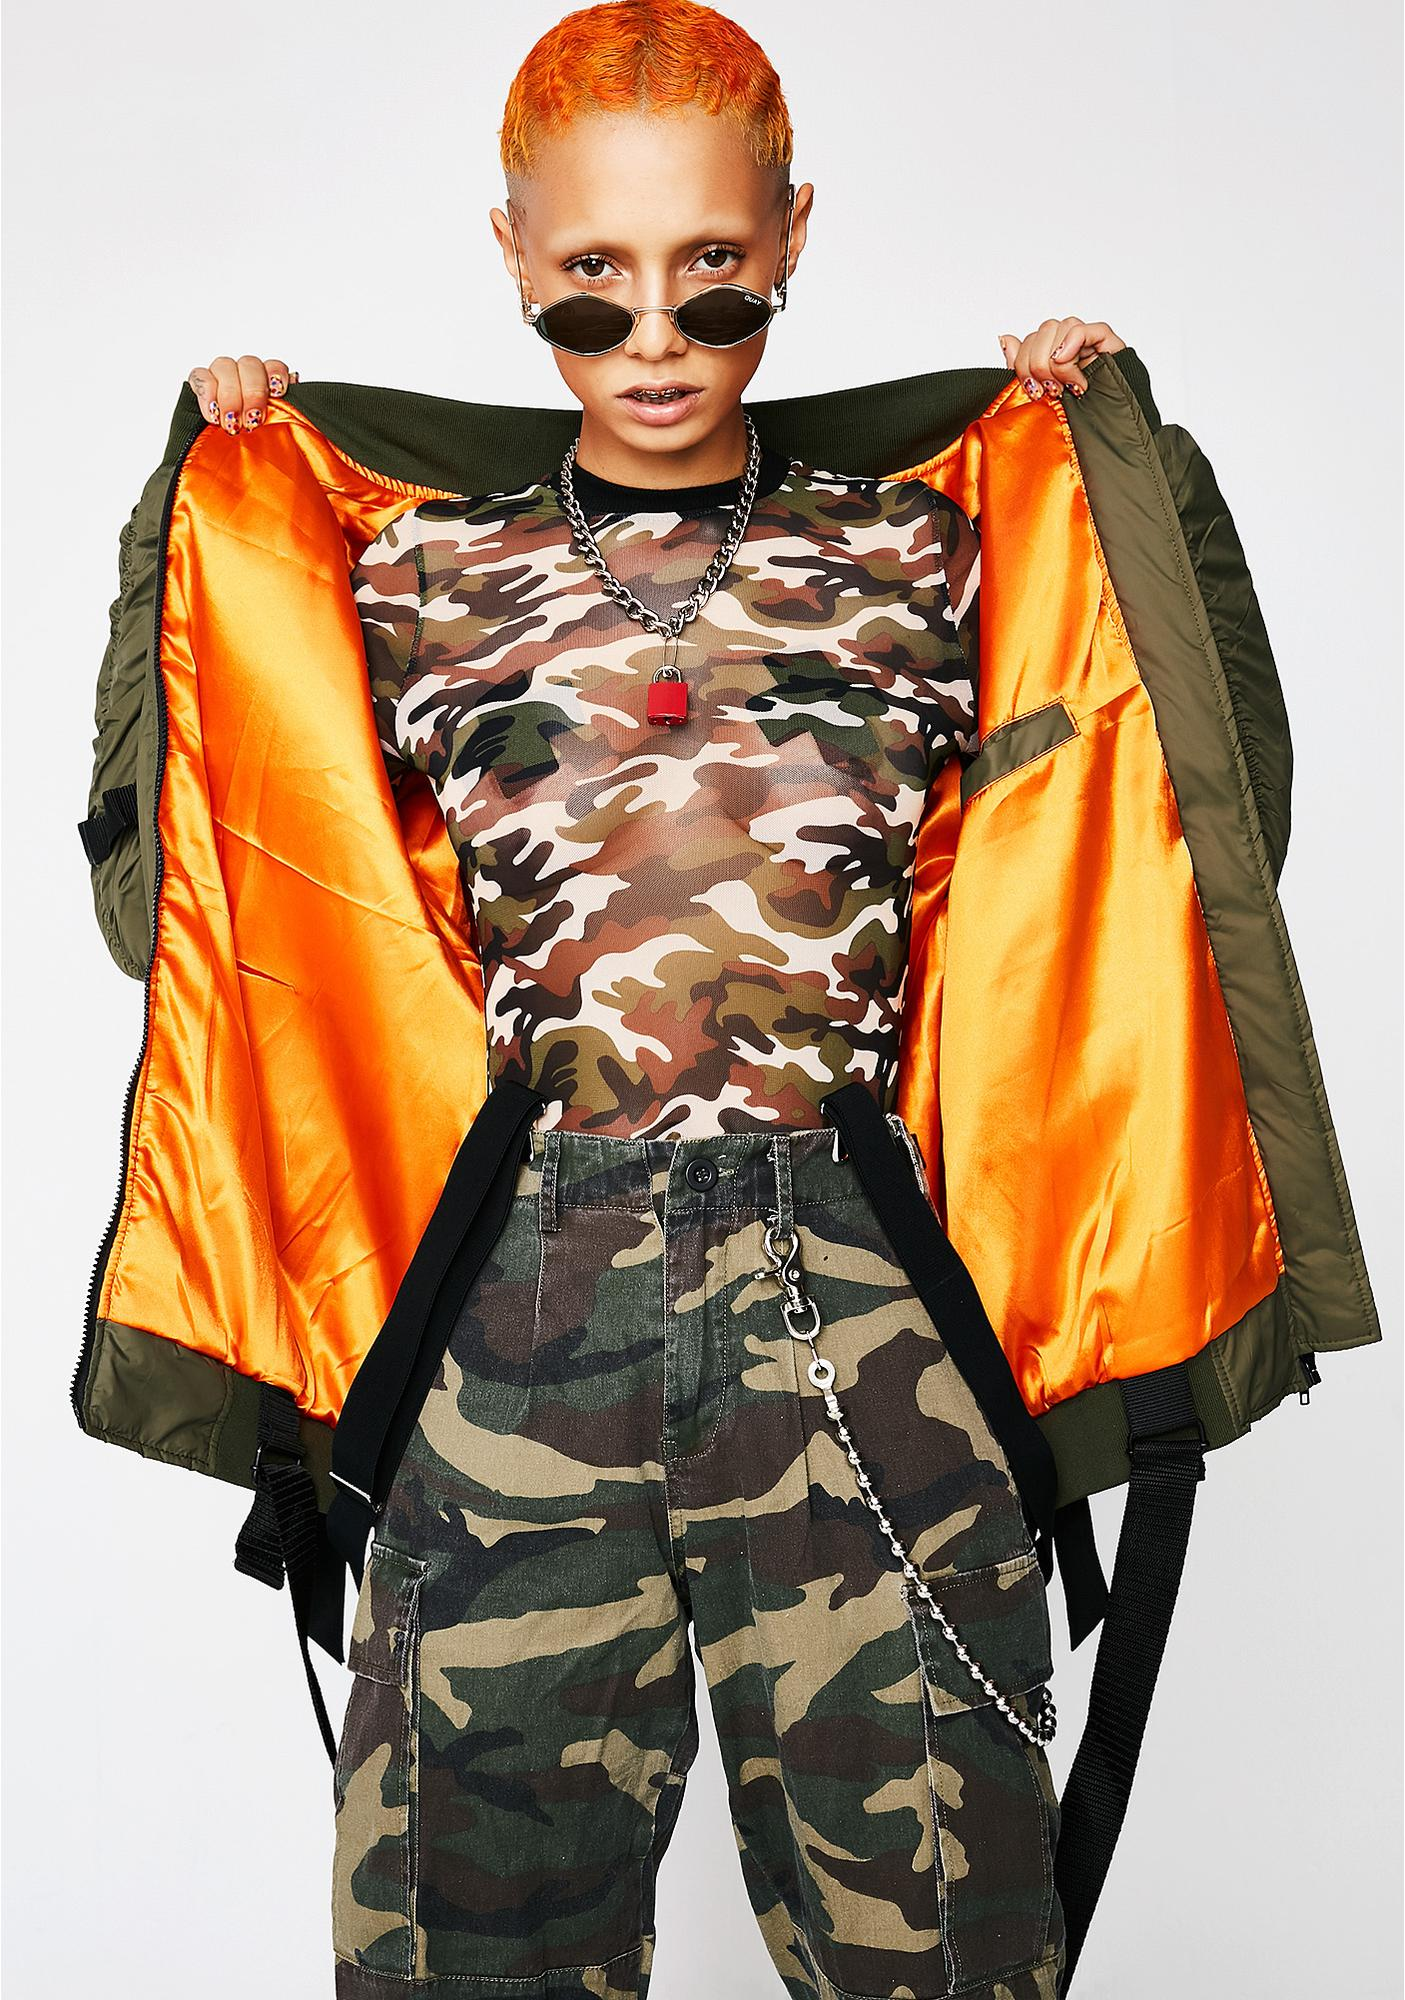 Poster Grl Takin' Off Bomber Jacket